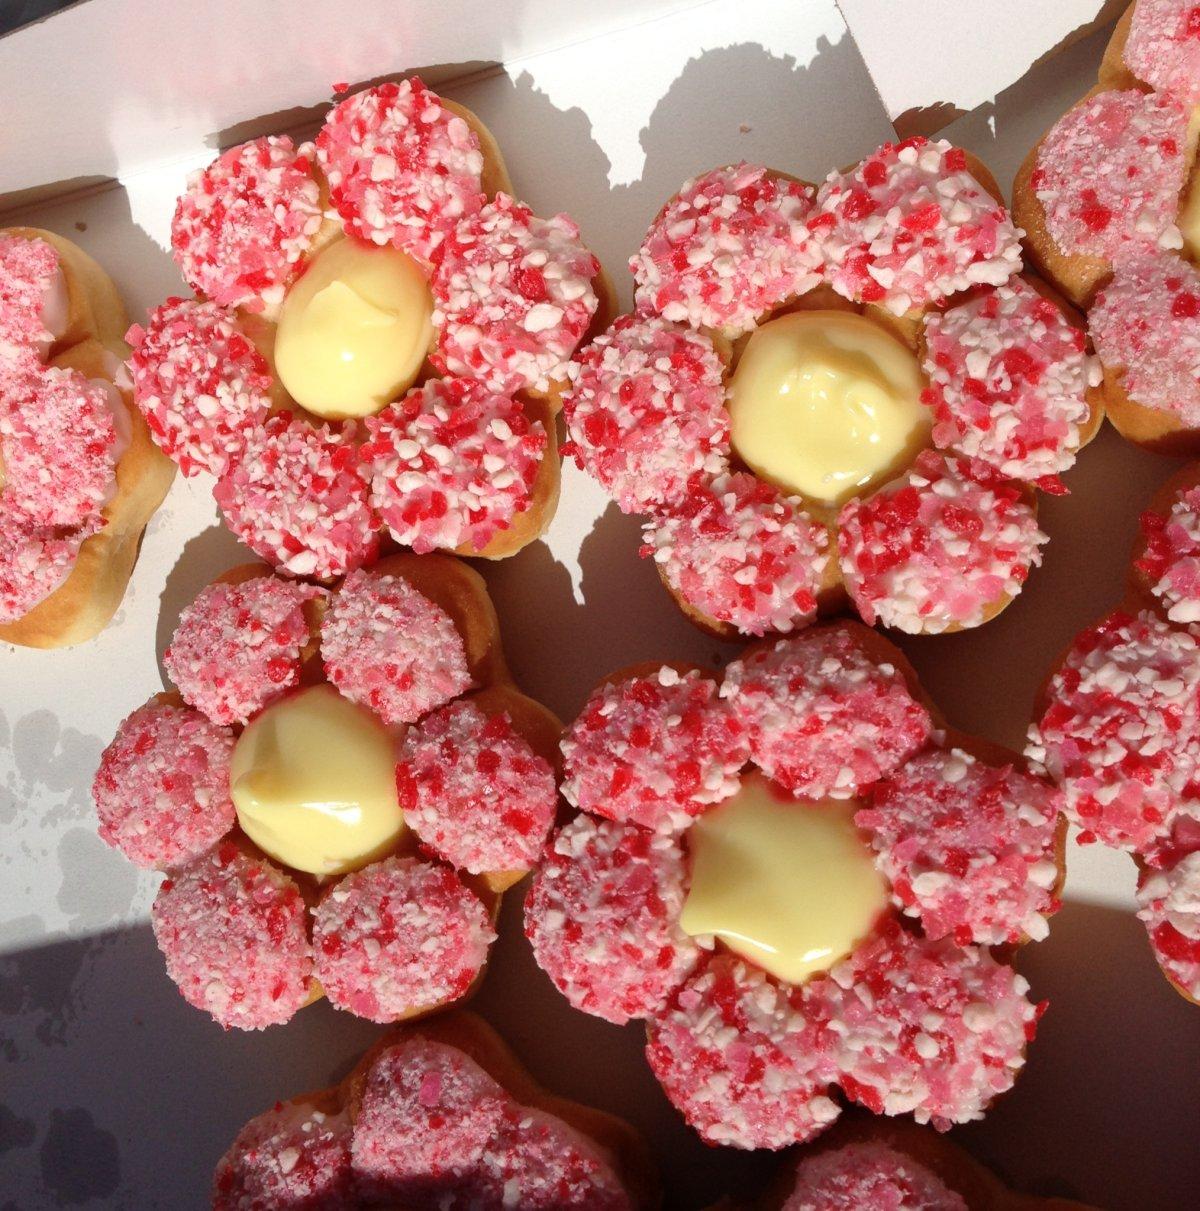 The Alberta Rose donut. Dani Lantela/Global News.